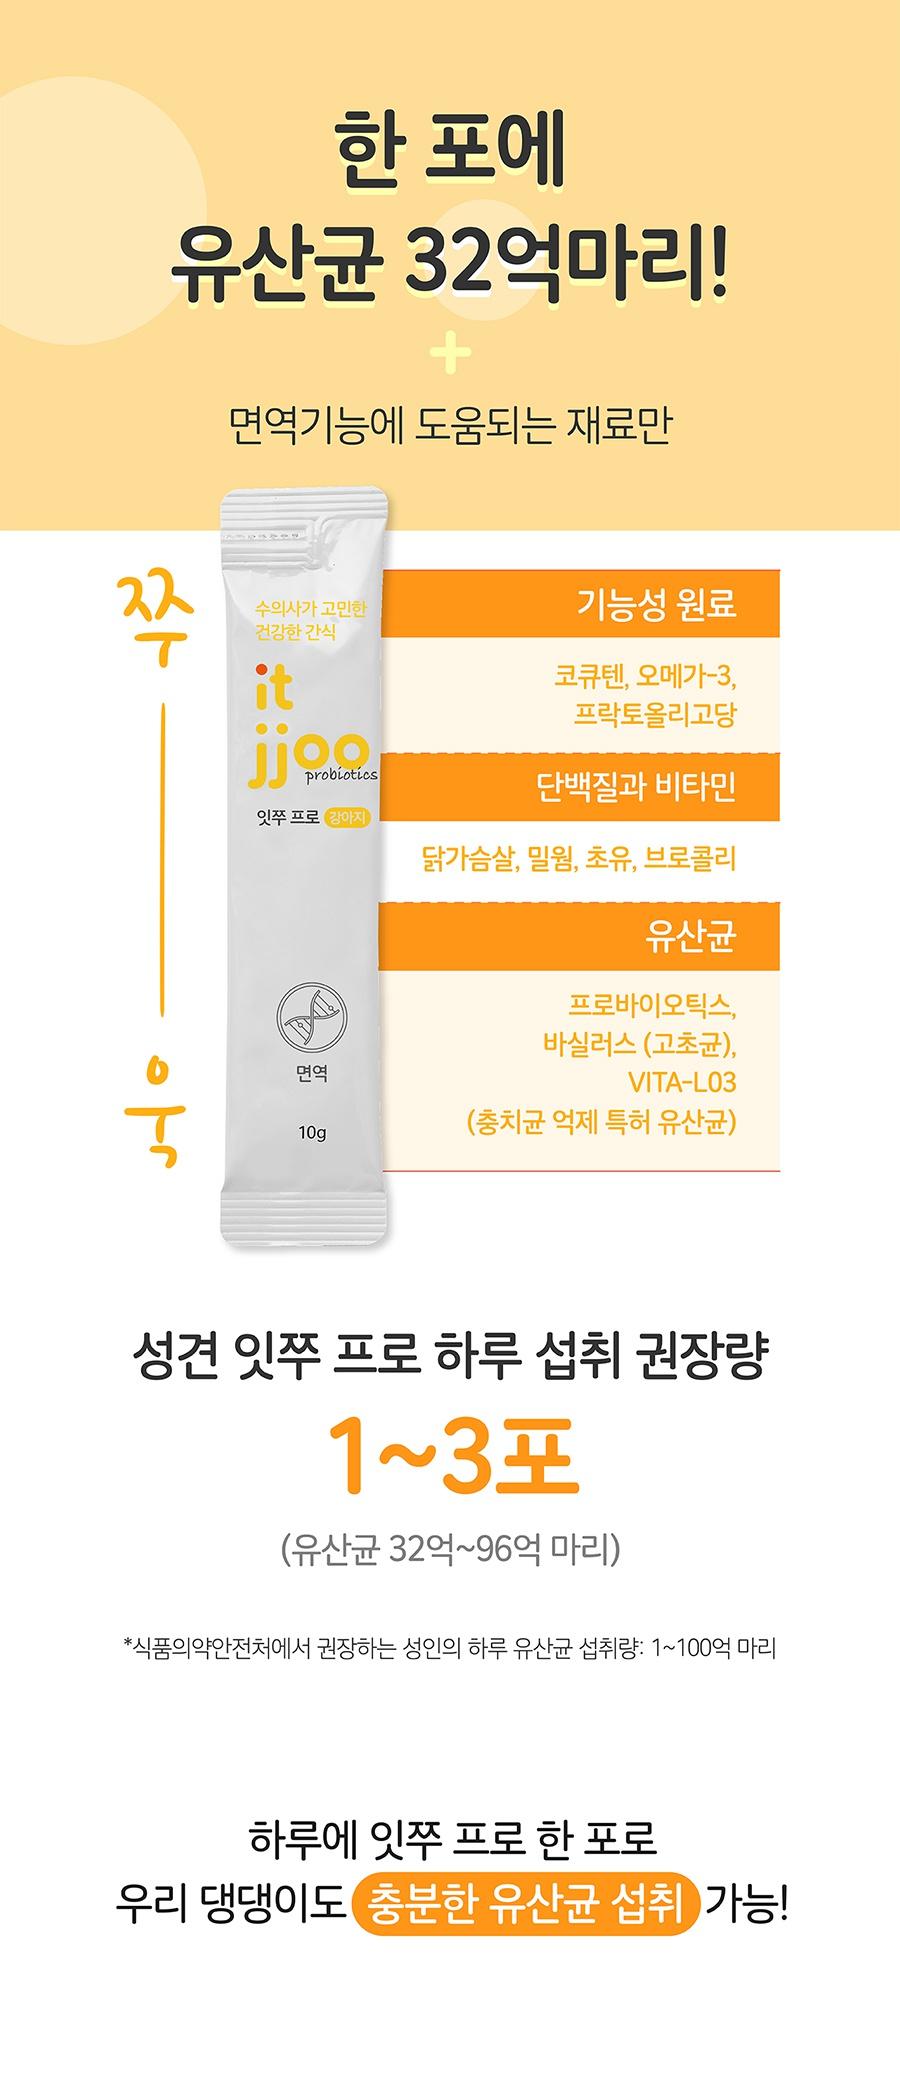 It 잇쭈 프로 도그 3종 (구강/비만/면역)-상품이미지-25